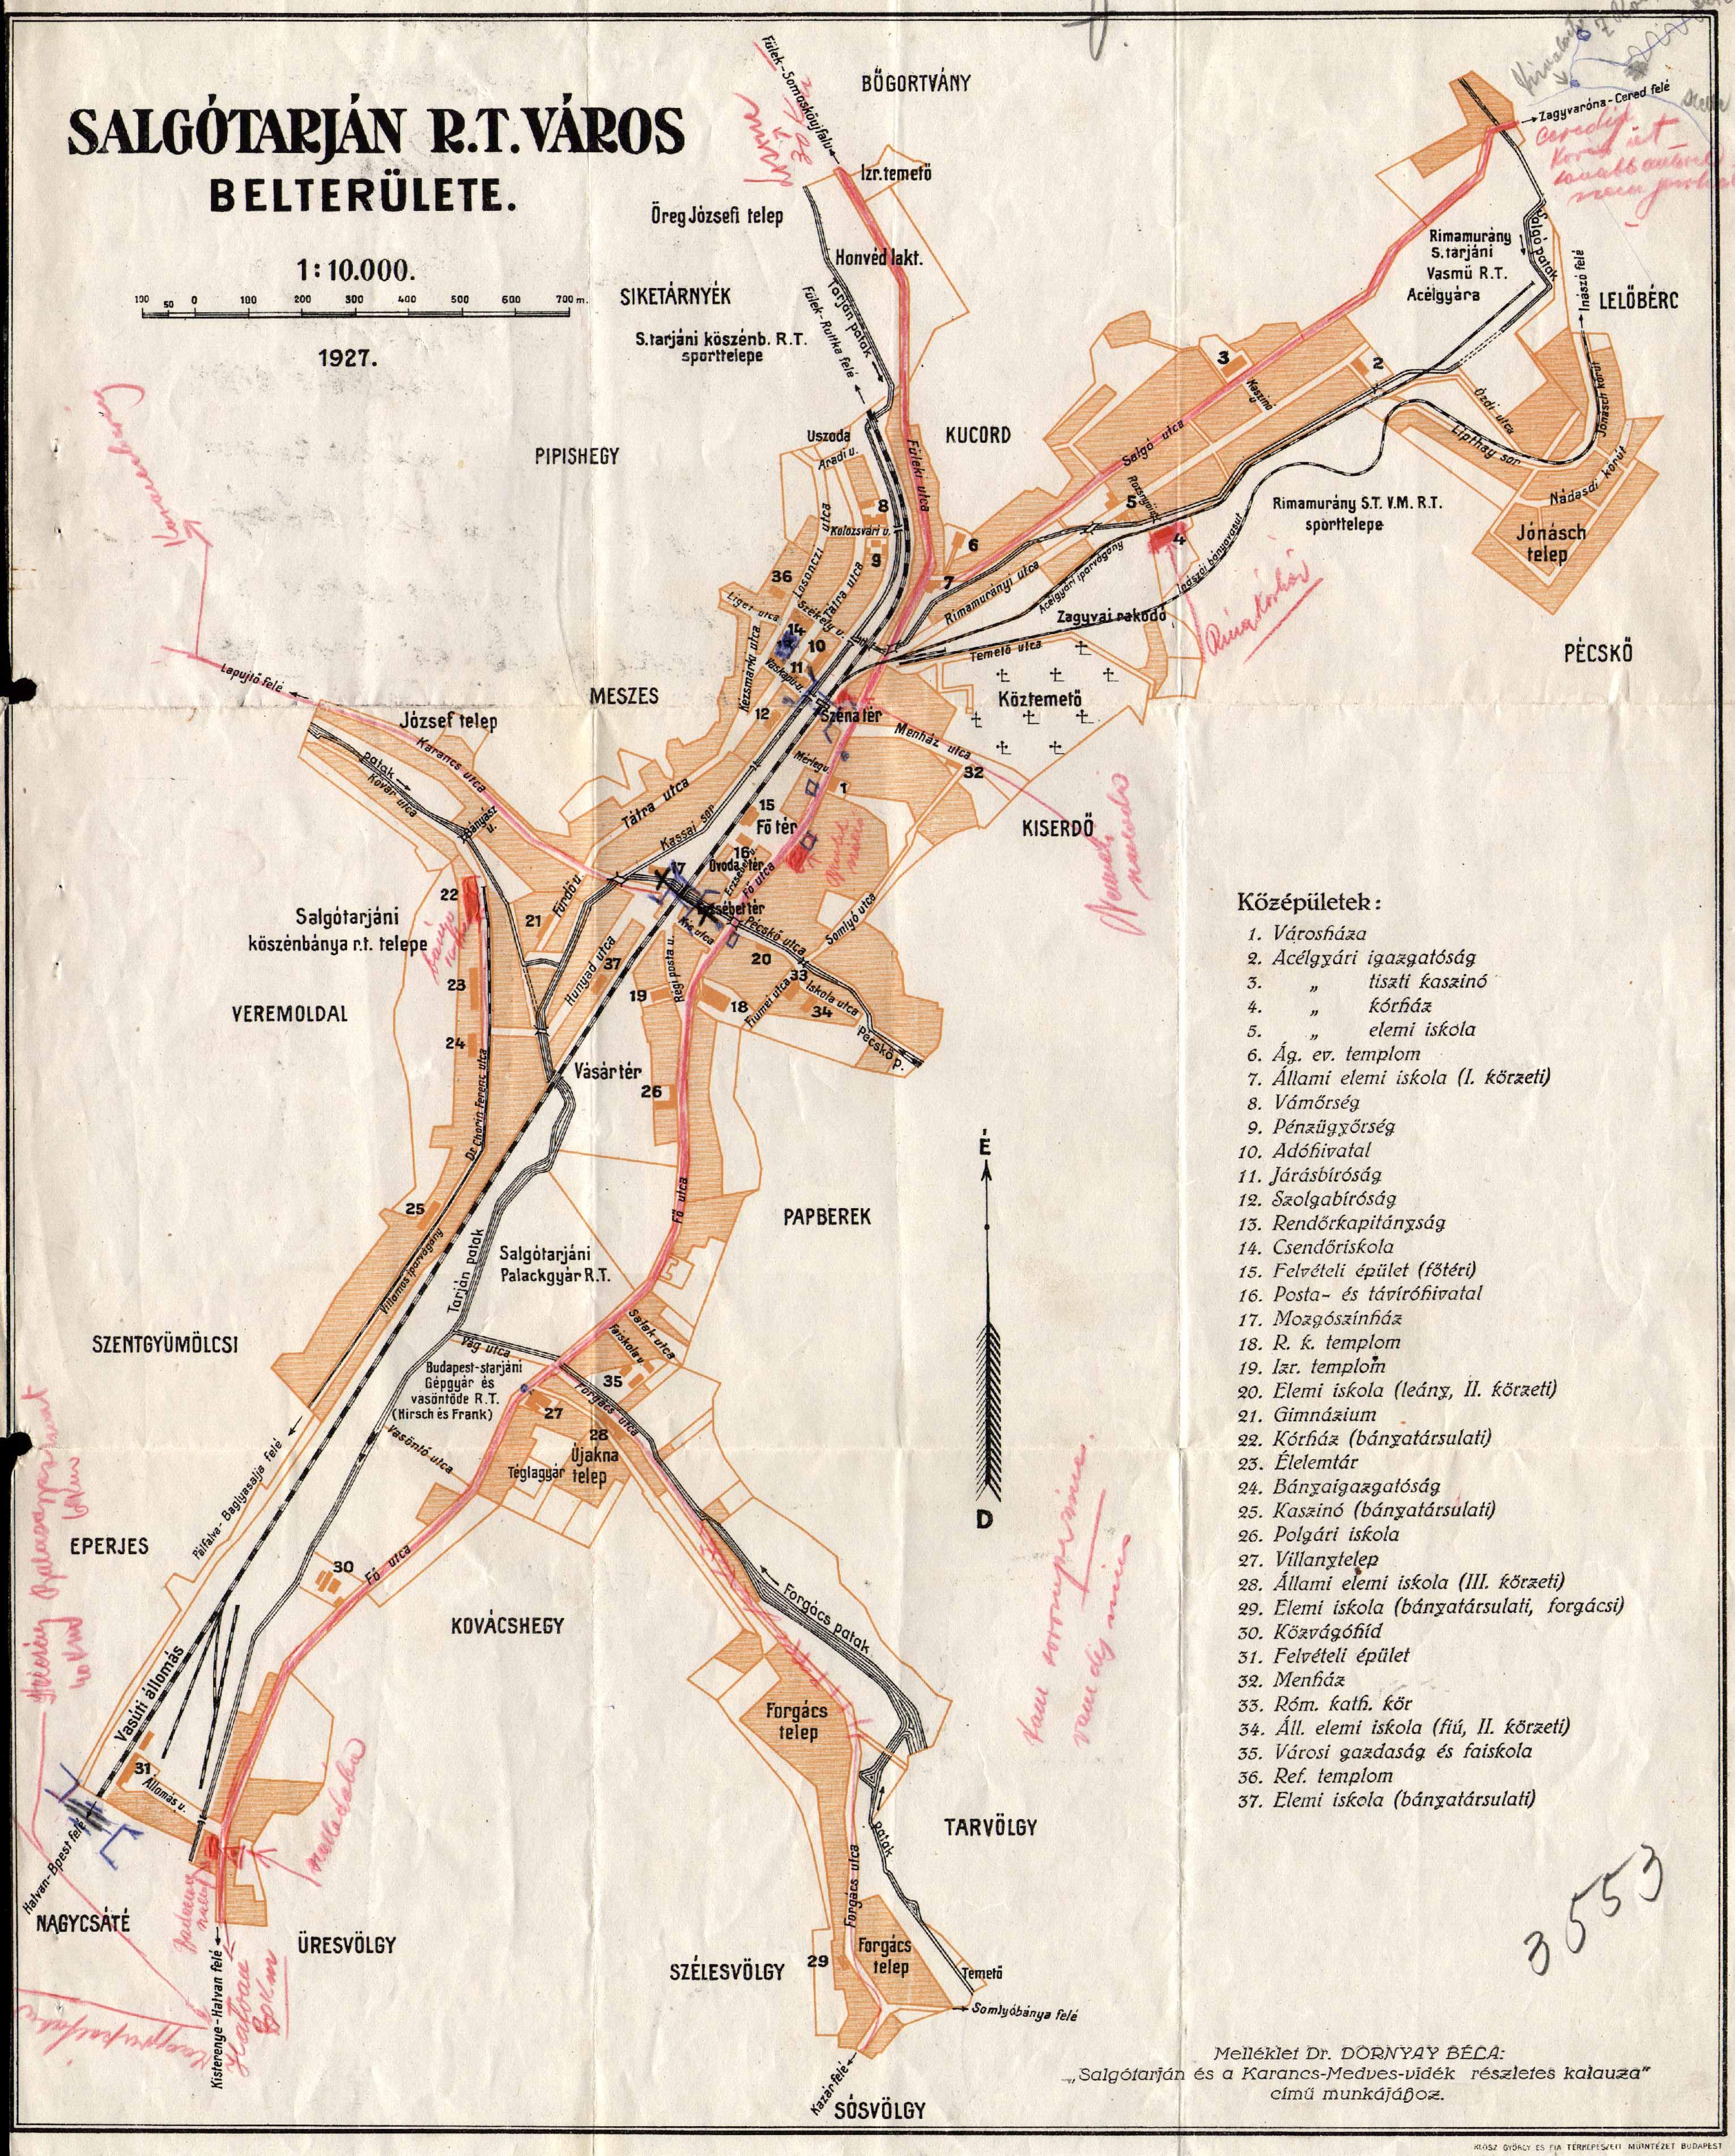 salgótarján térkép Terkepek: Salgotarjan salgótarján térkép